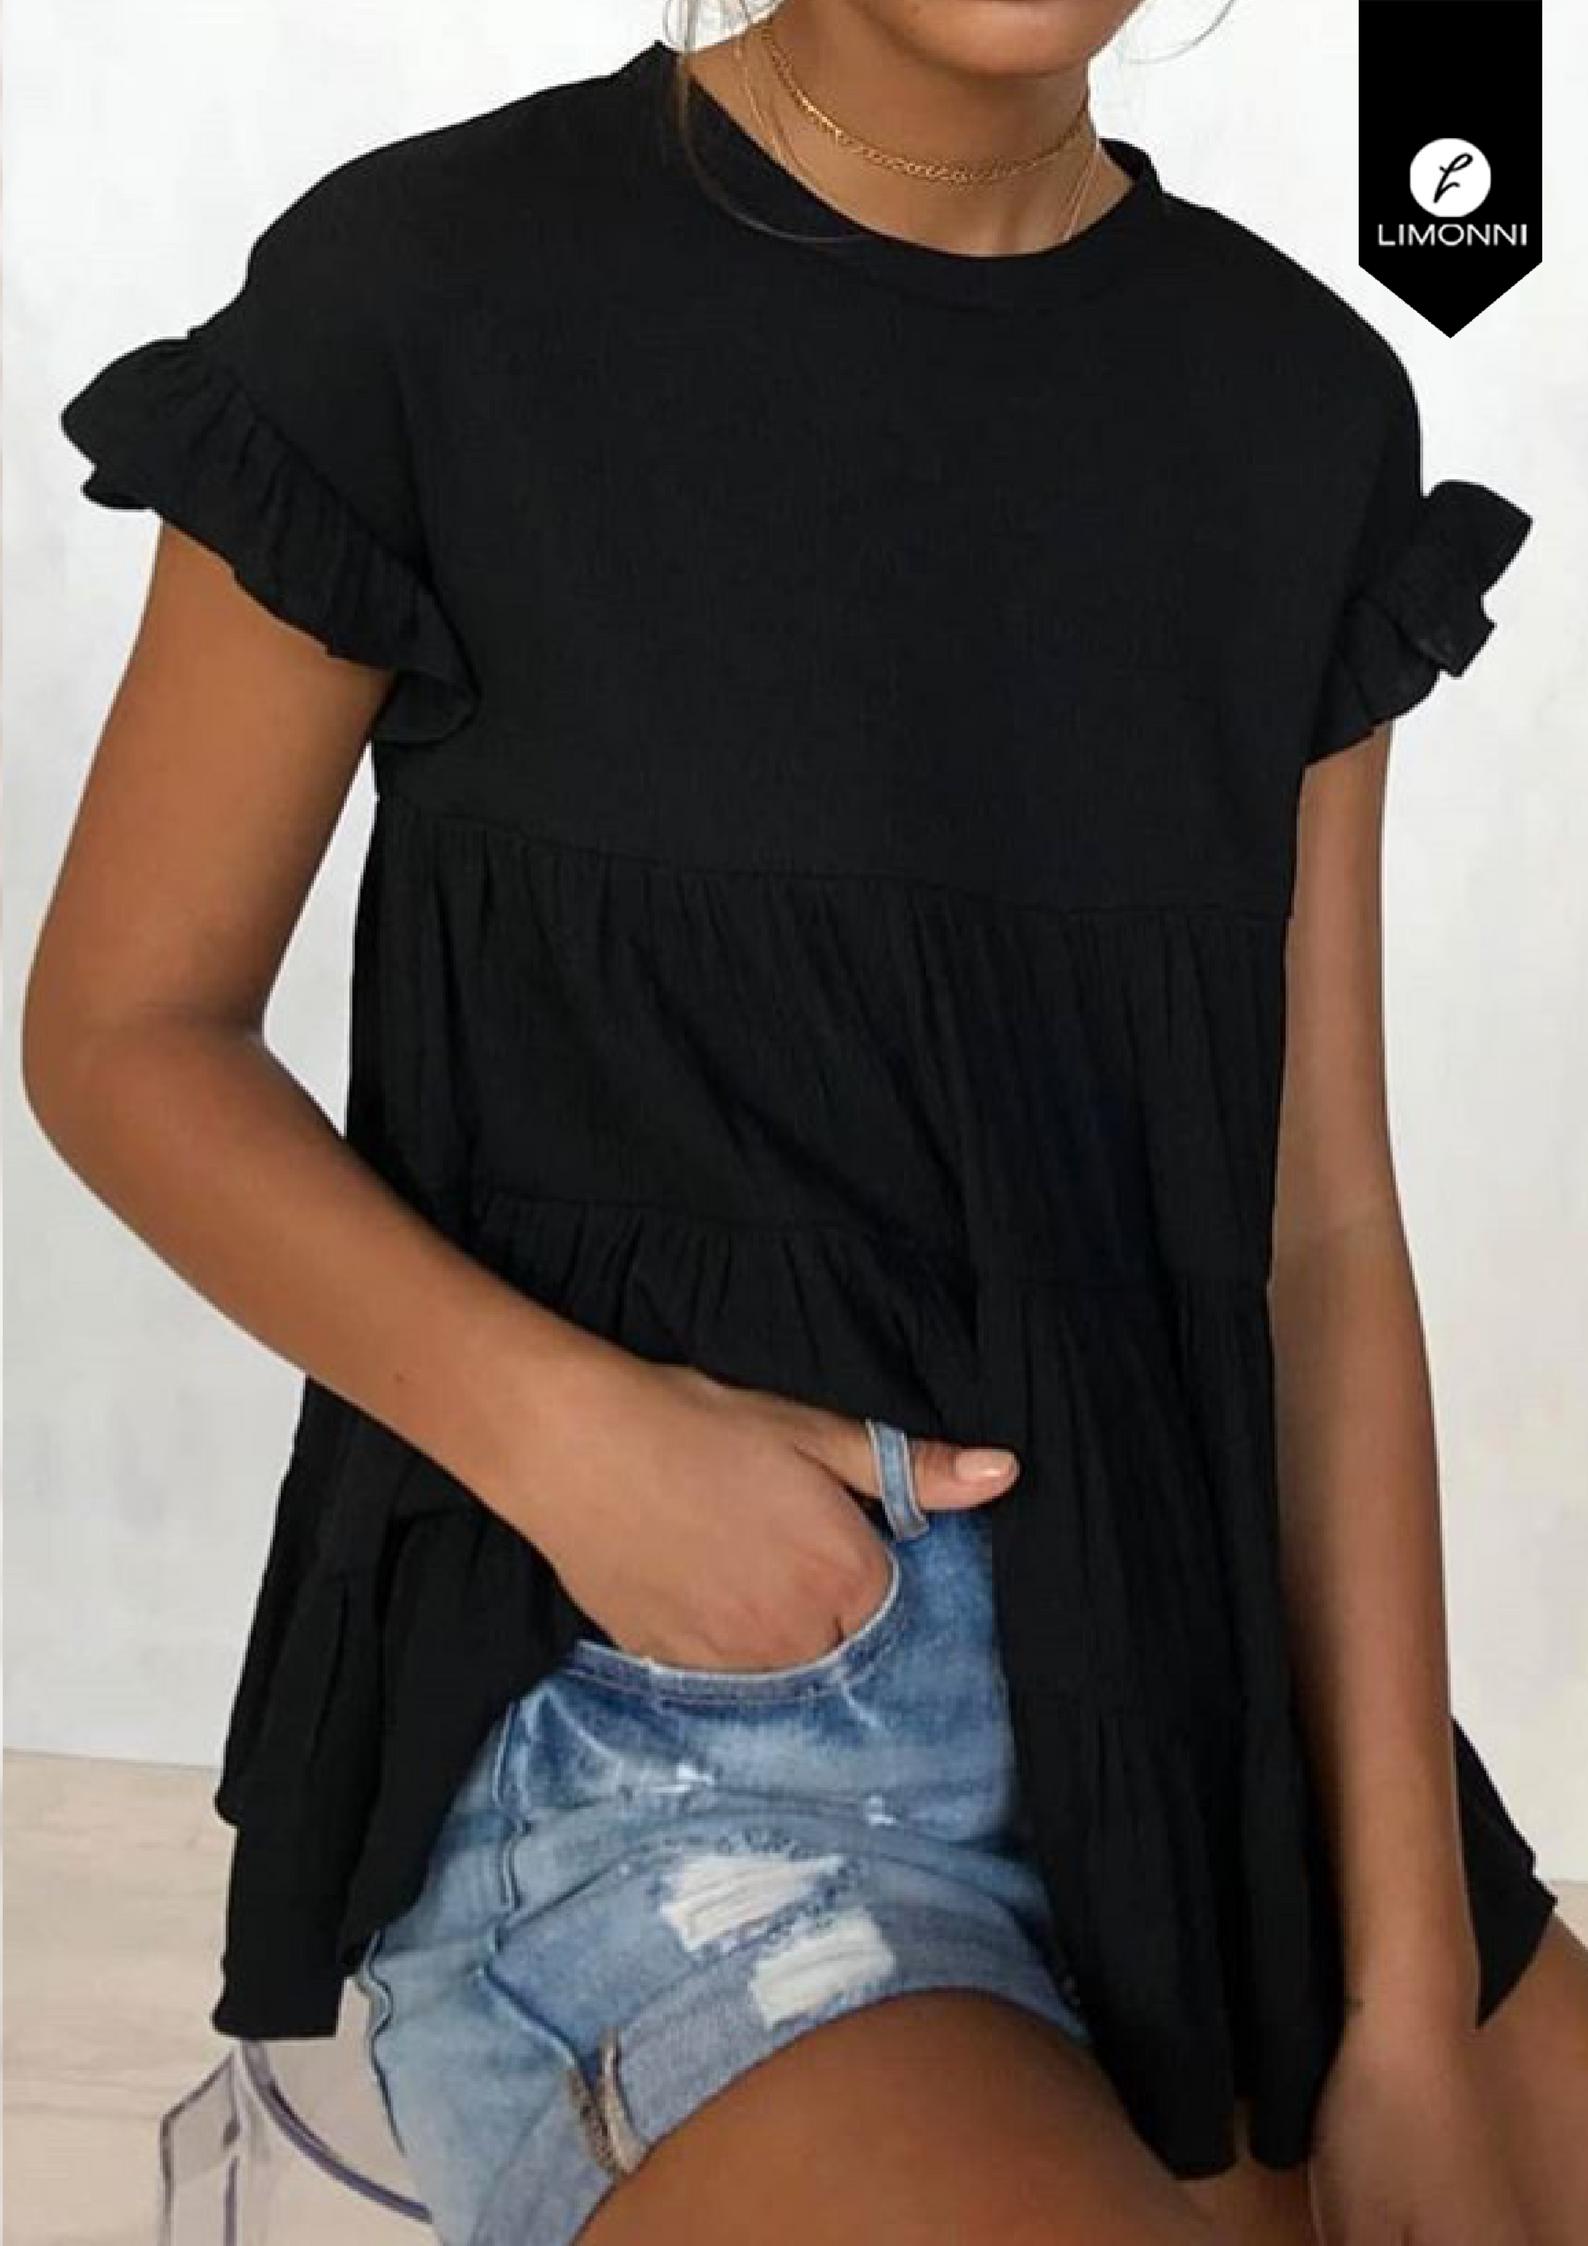 Blusas para mujer Limonni Novalee LI1522 Casuales